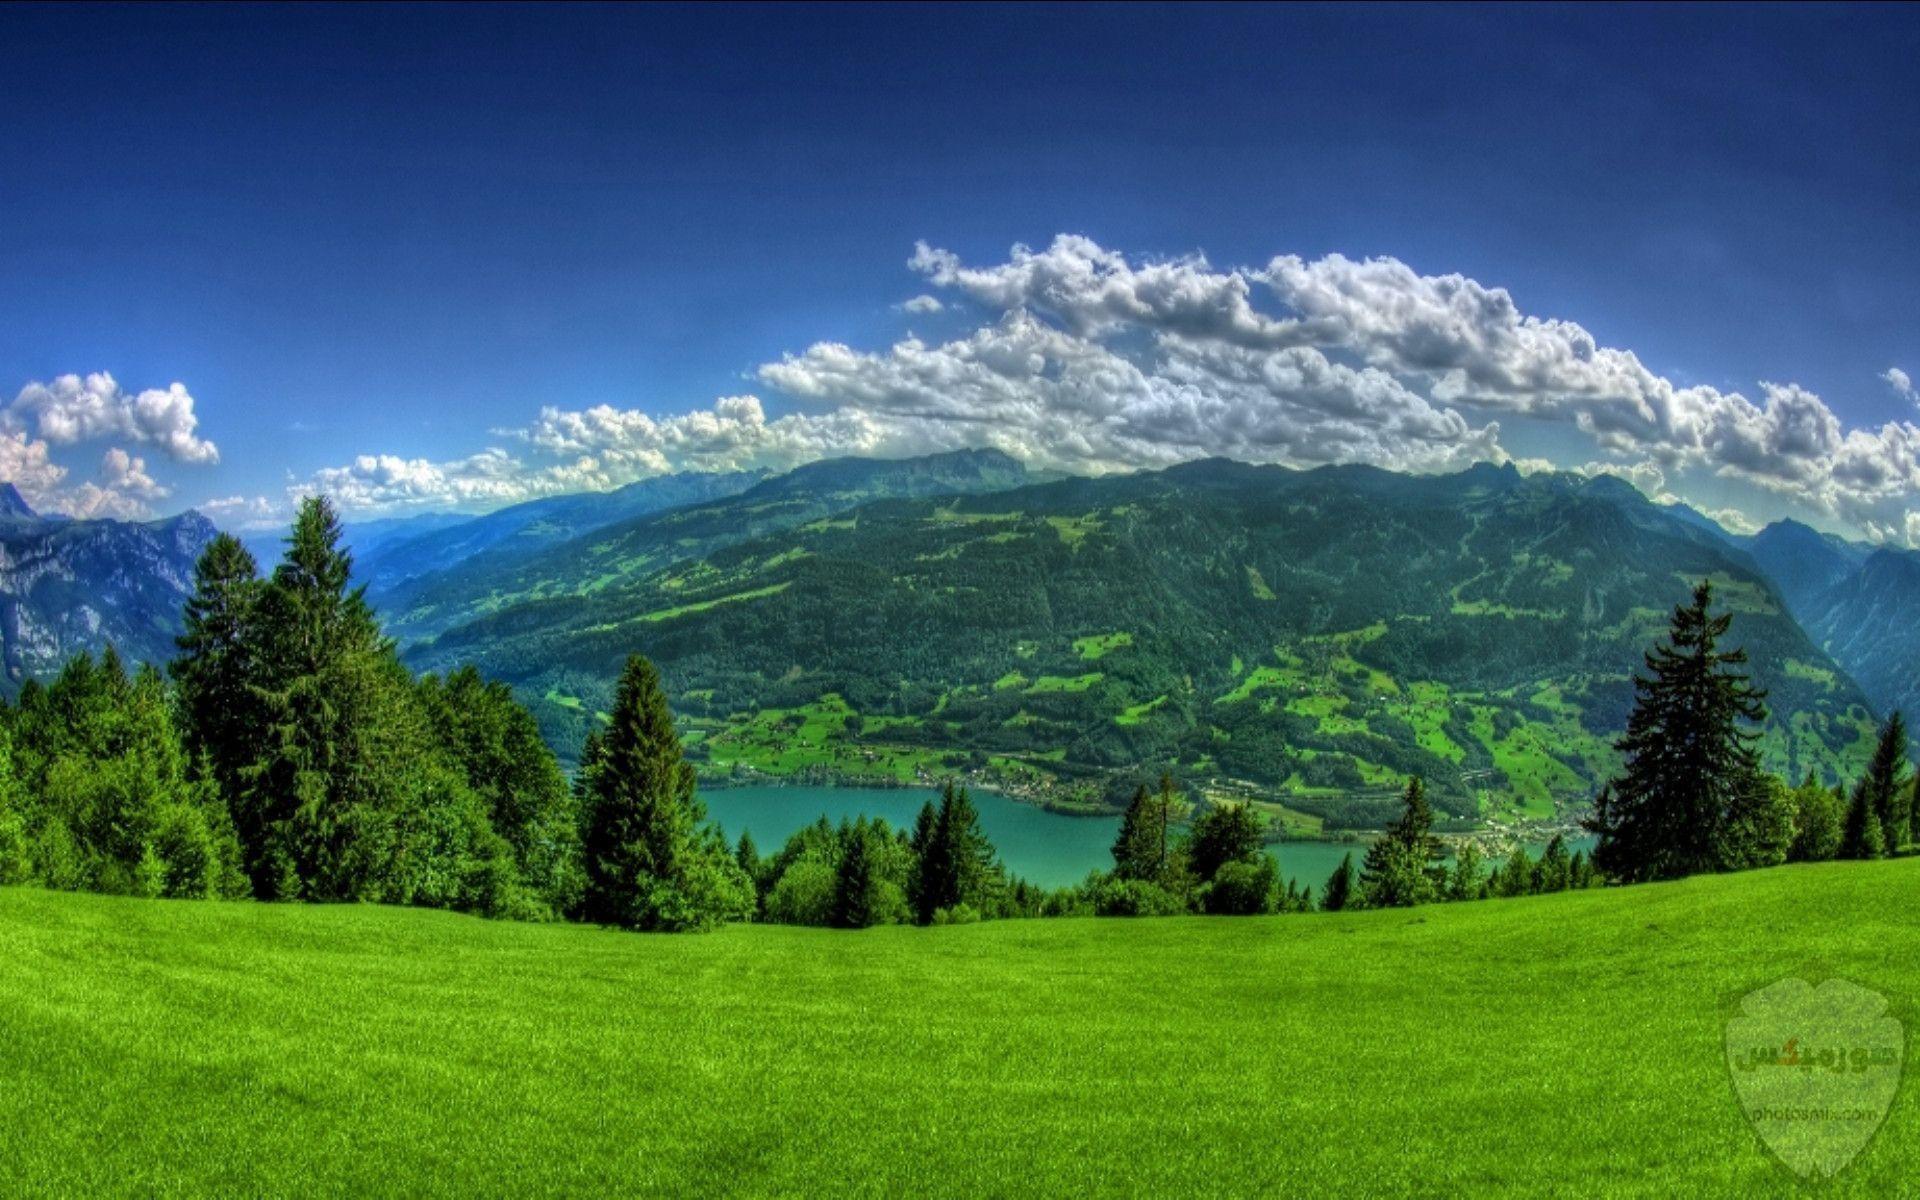 صور طبيعة جميلة صور طبيعيه خلابه 1